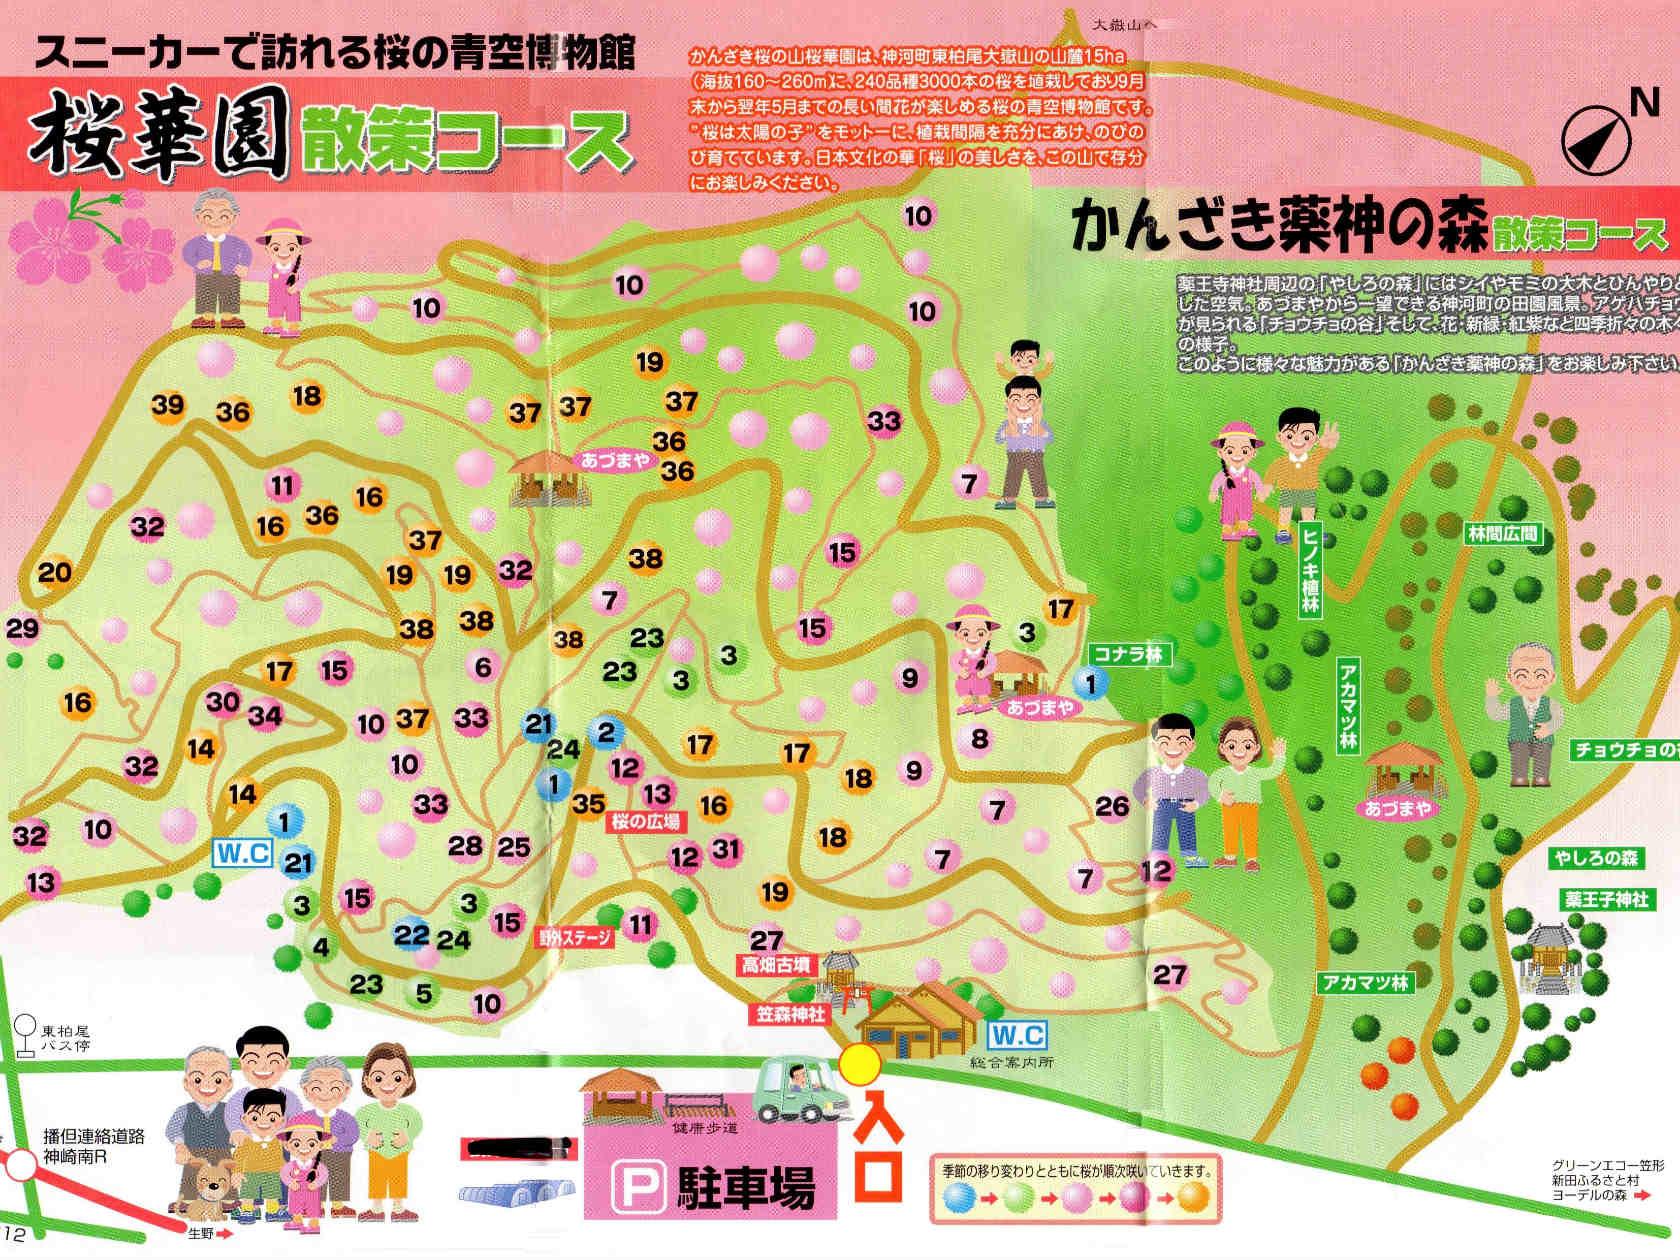 01b 桜華園散策コース